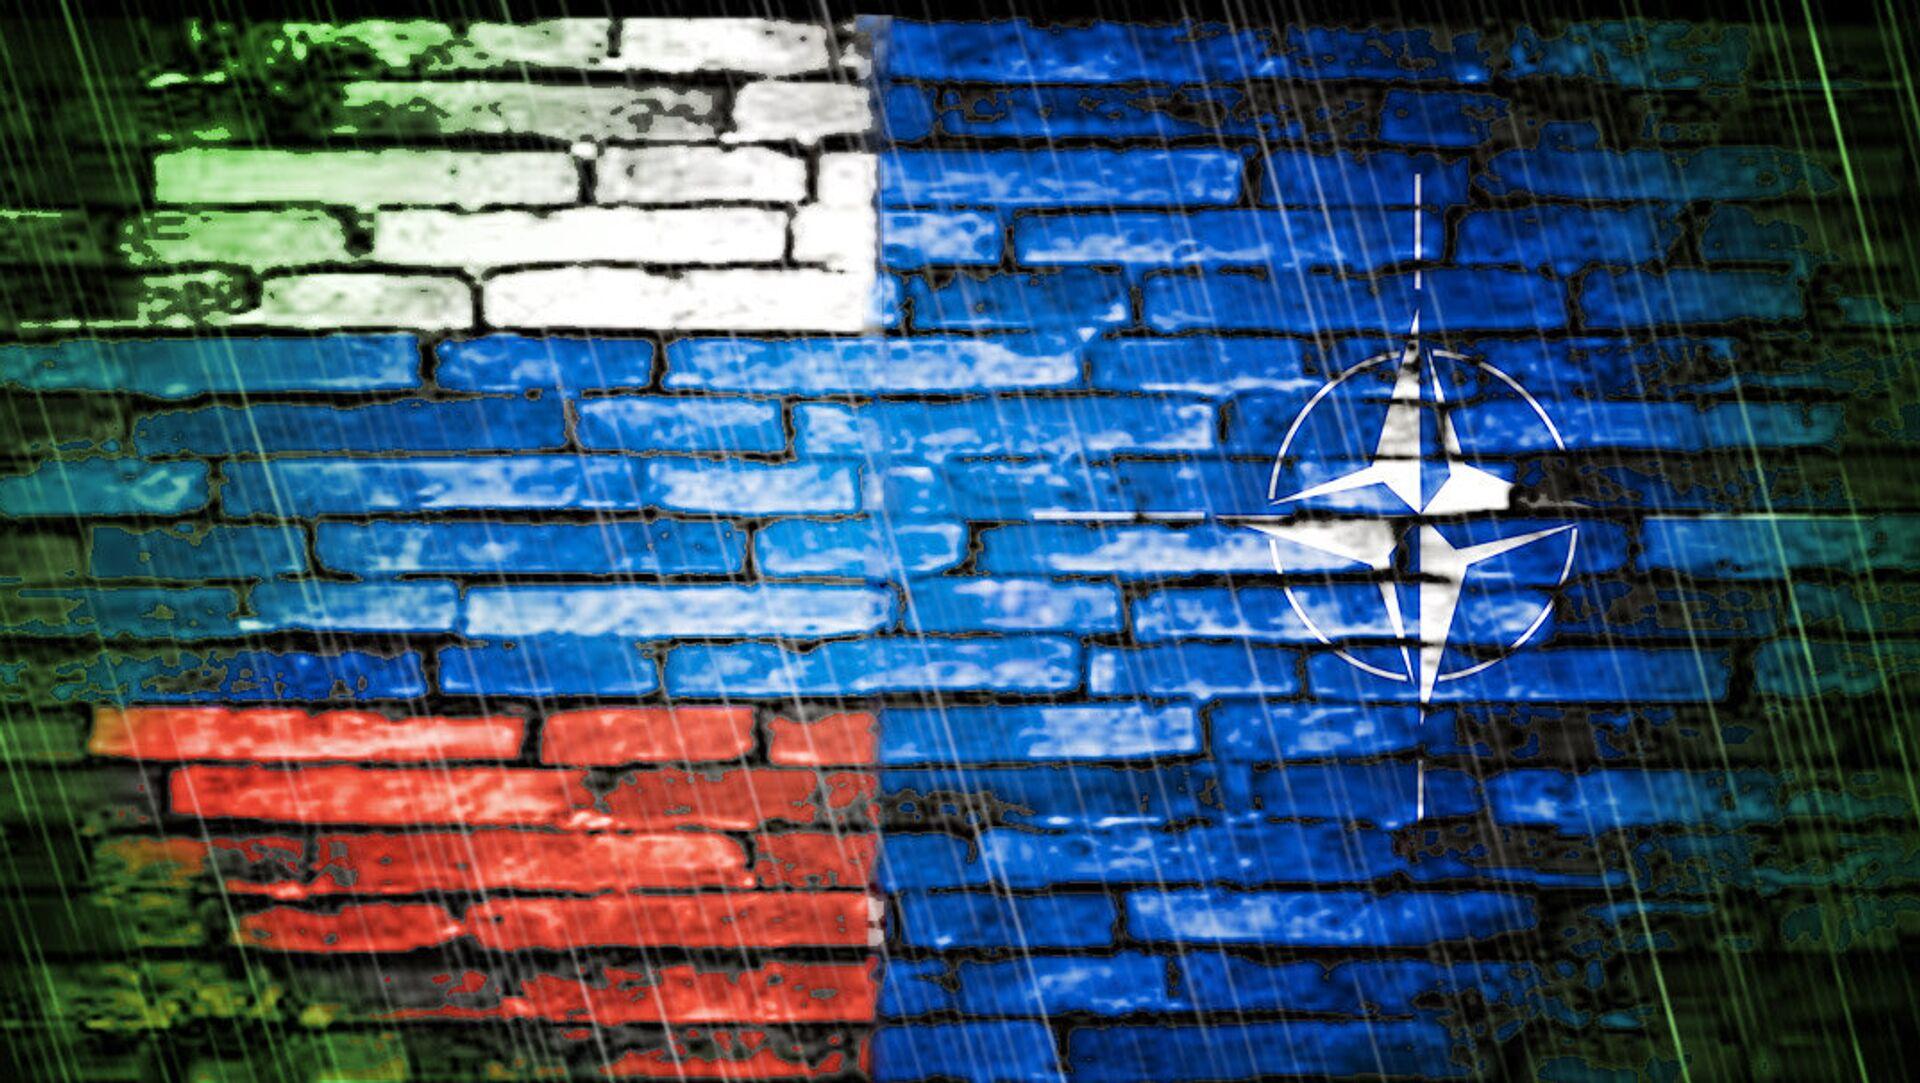 Заставе Русије и НАТО-а - Sputnik Србија, 1920, 06.05.2021